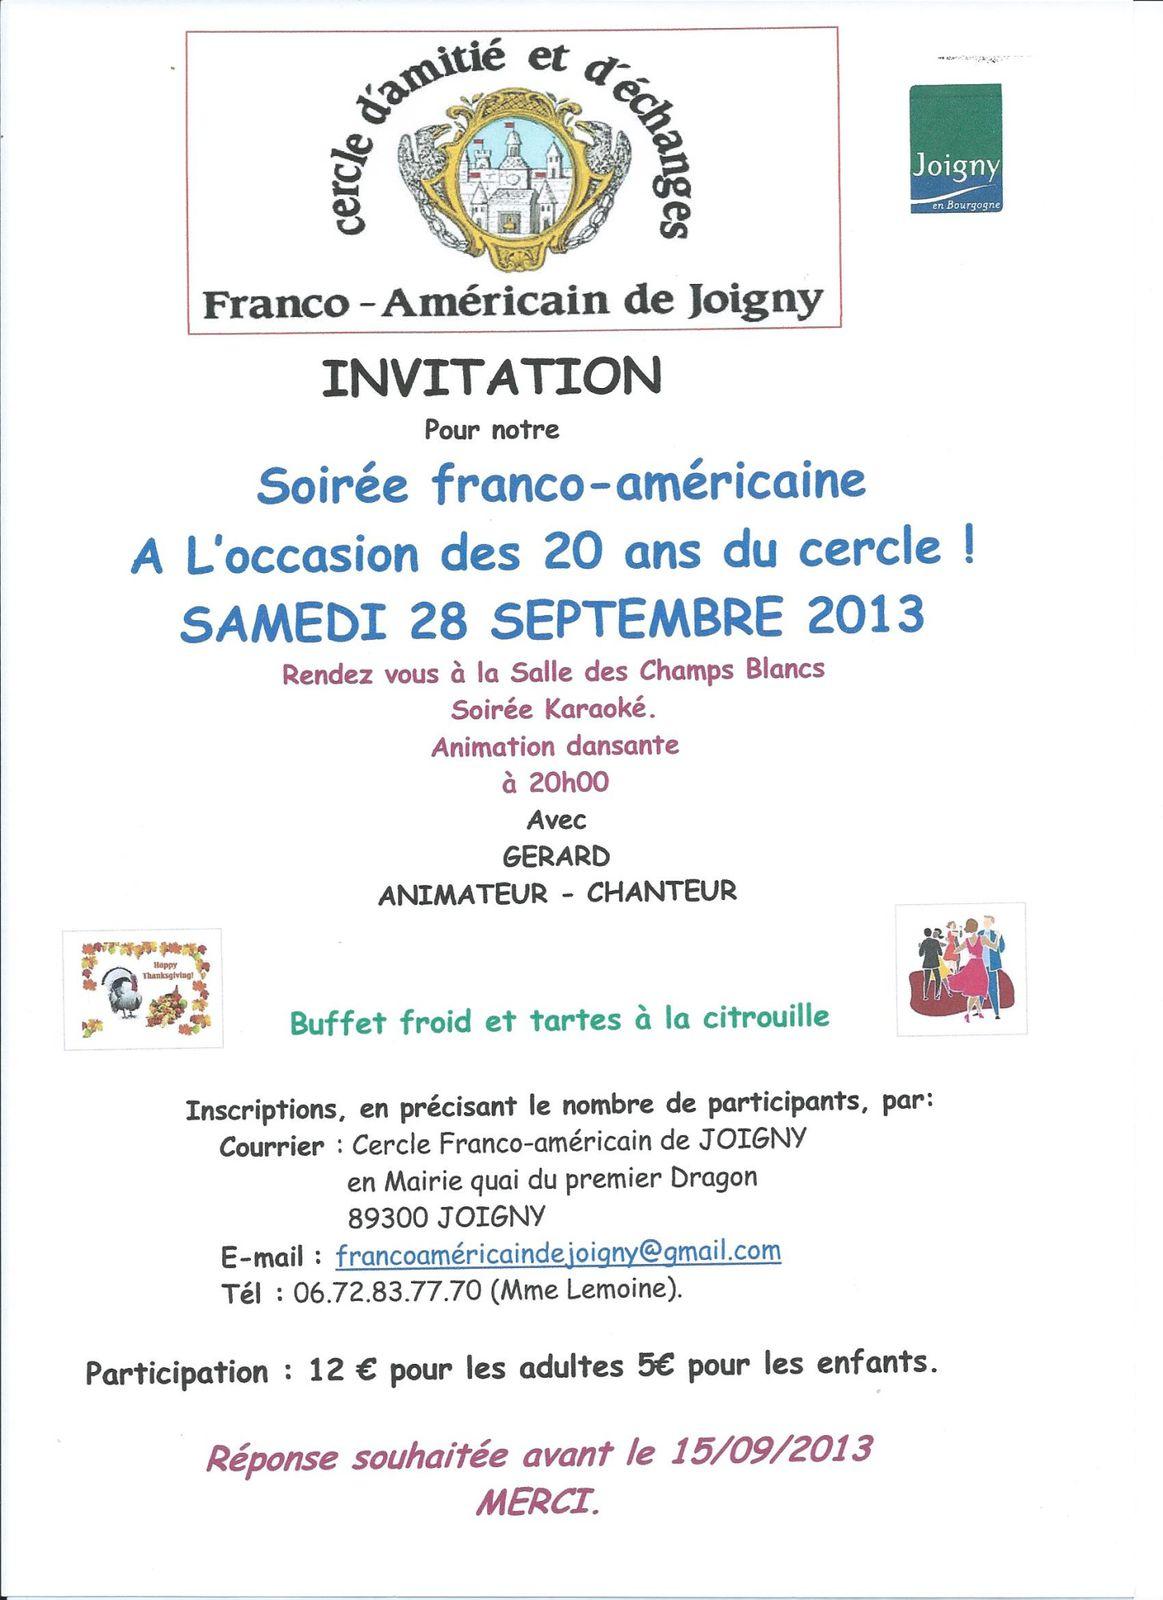 SOIRÉE FRANCO-AMÉRICAINE  28 SEPTEMBRE 2013